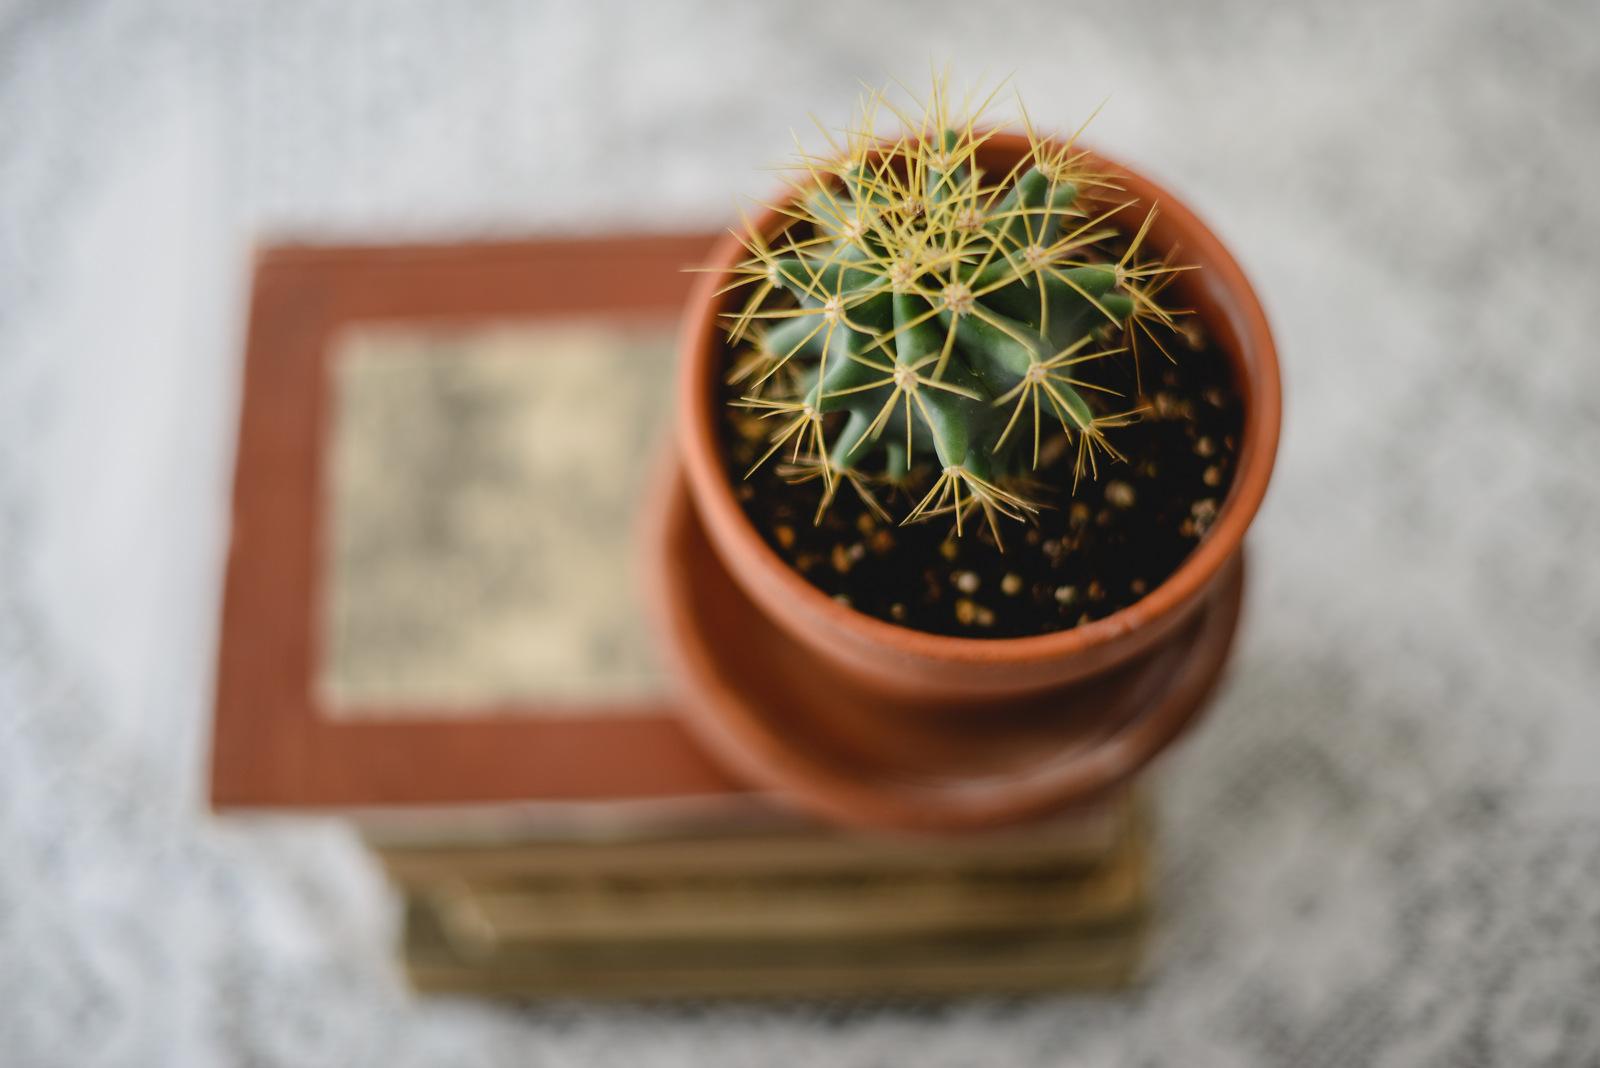 cactus and books